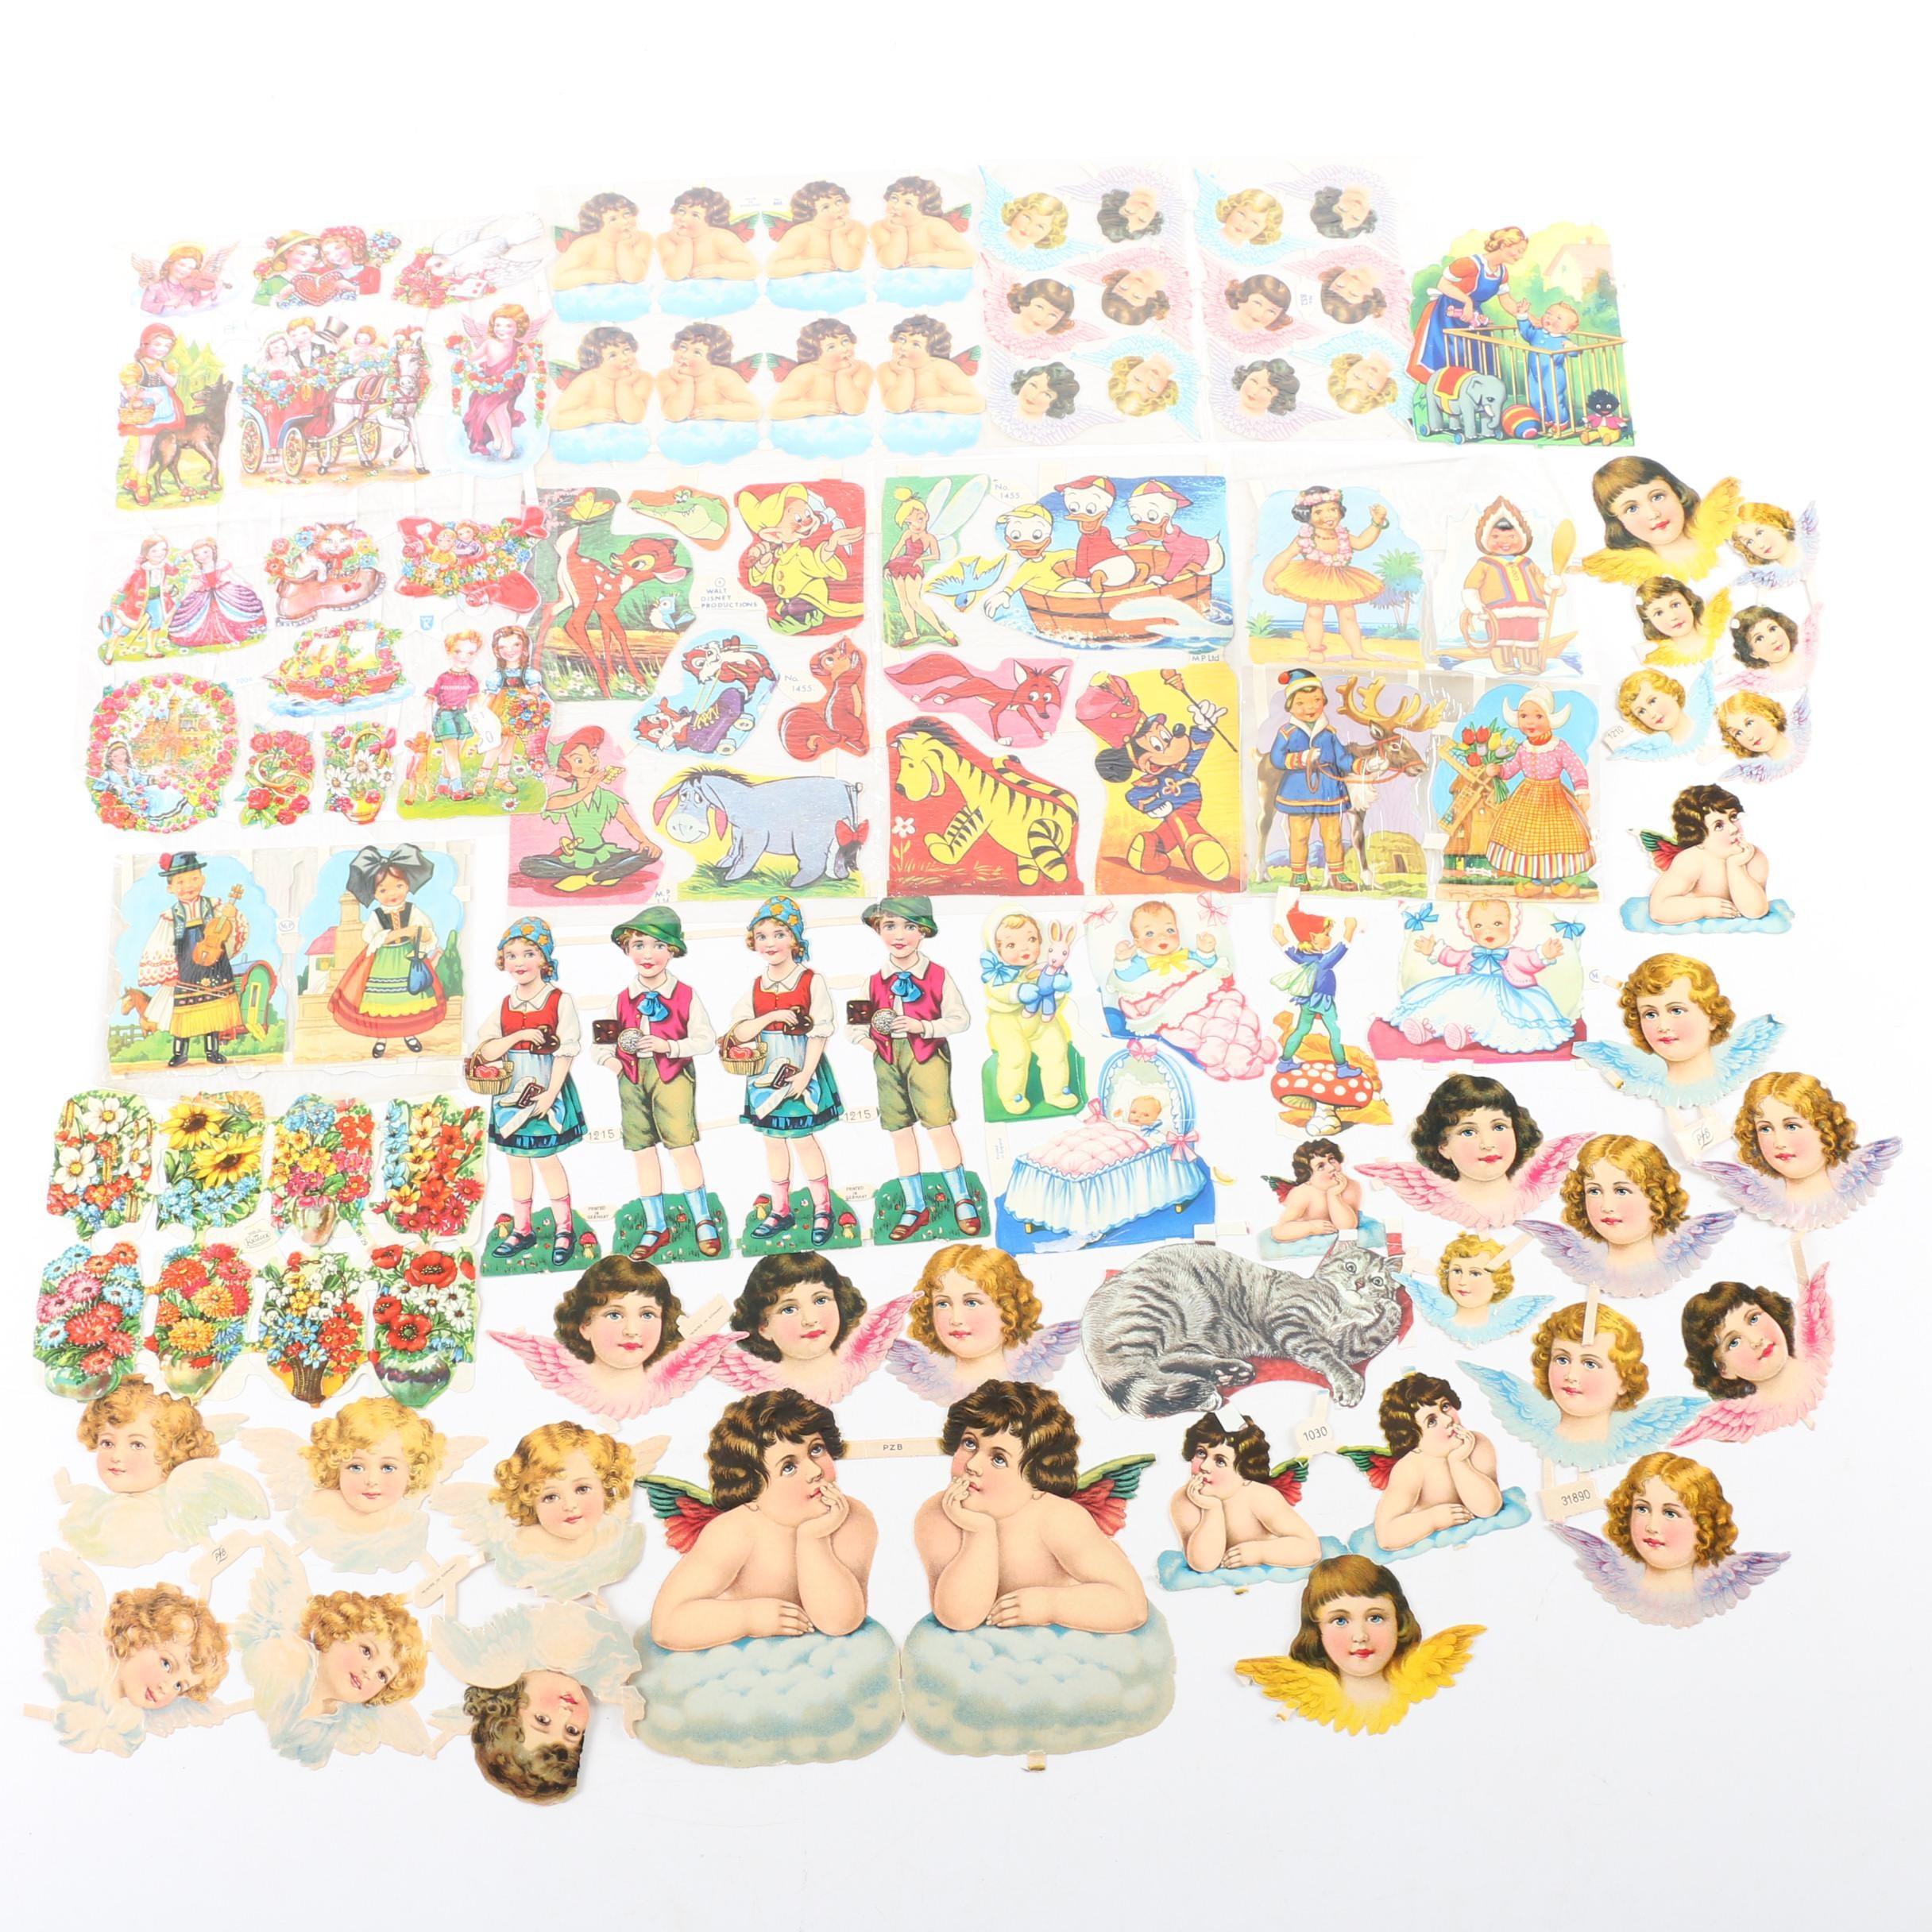 Paper Cutouts Including Disney